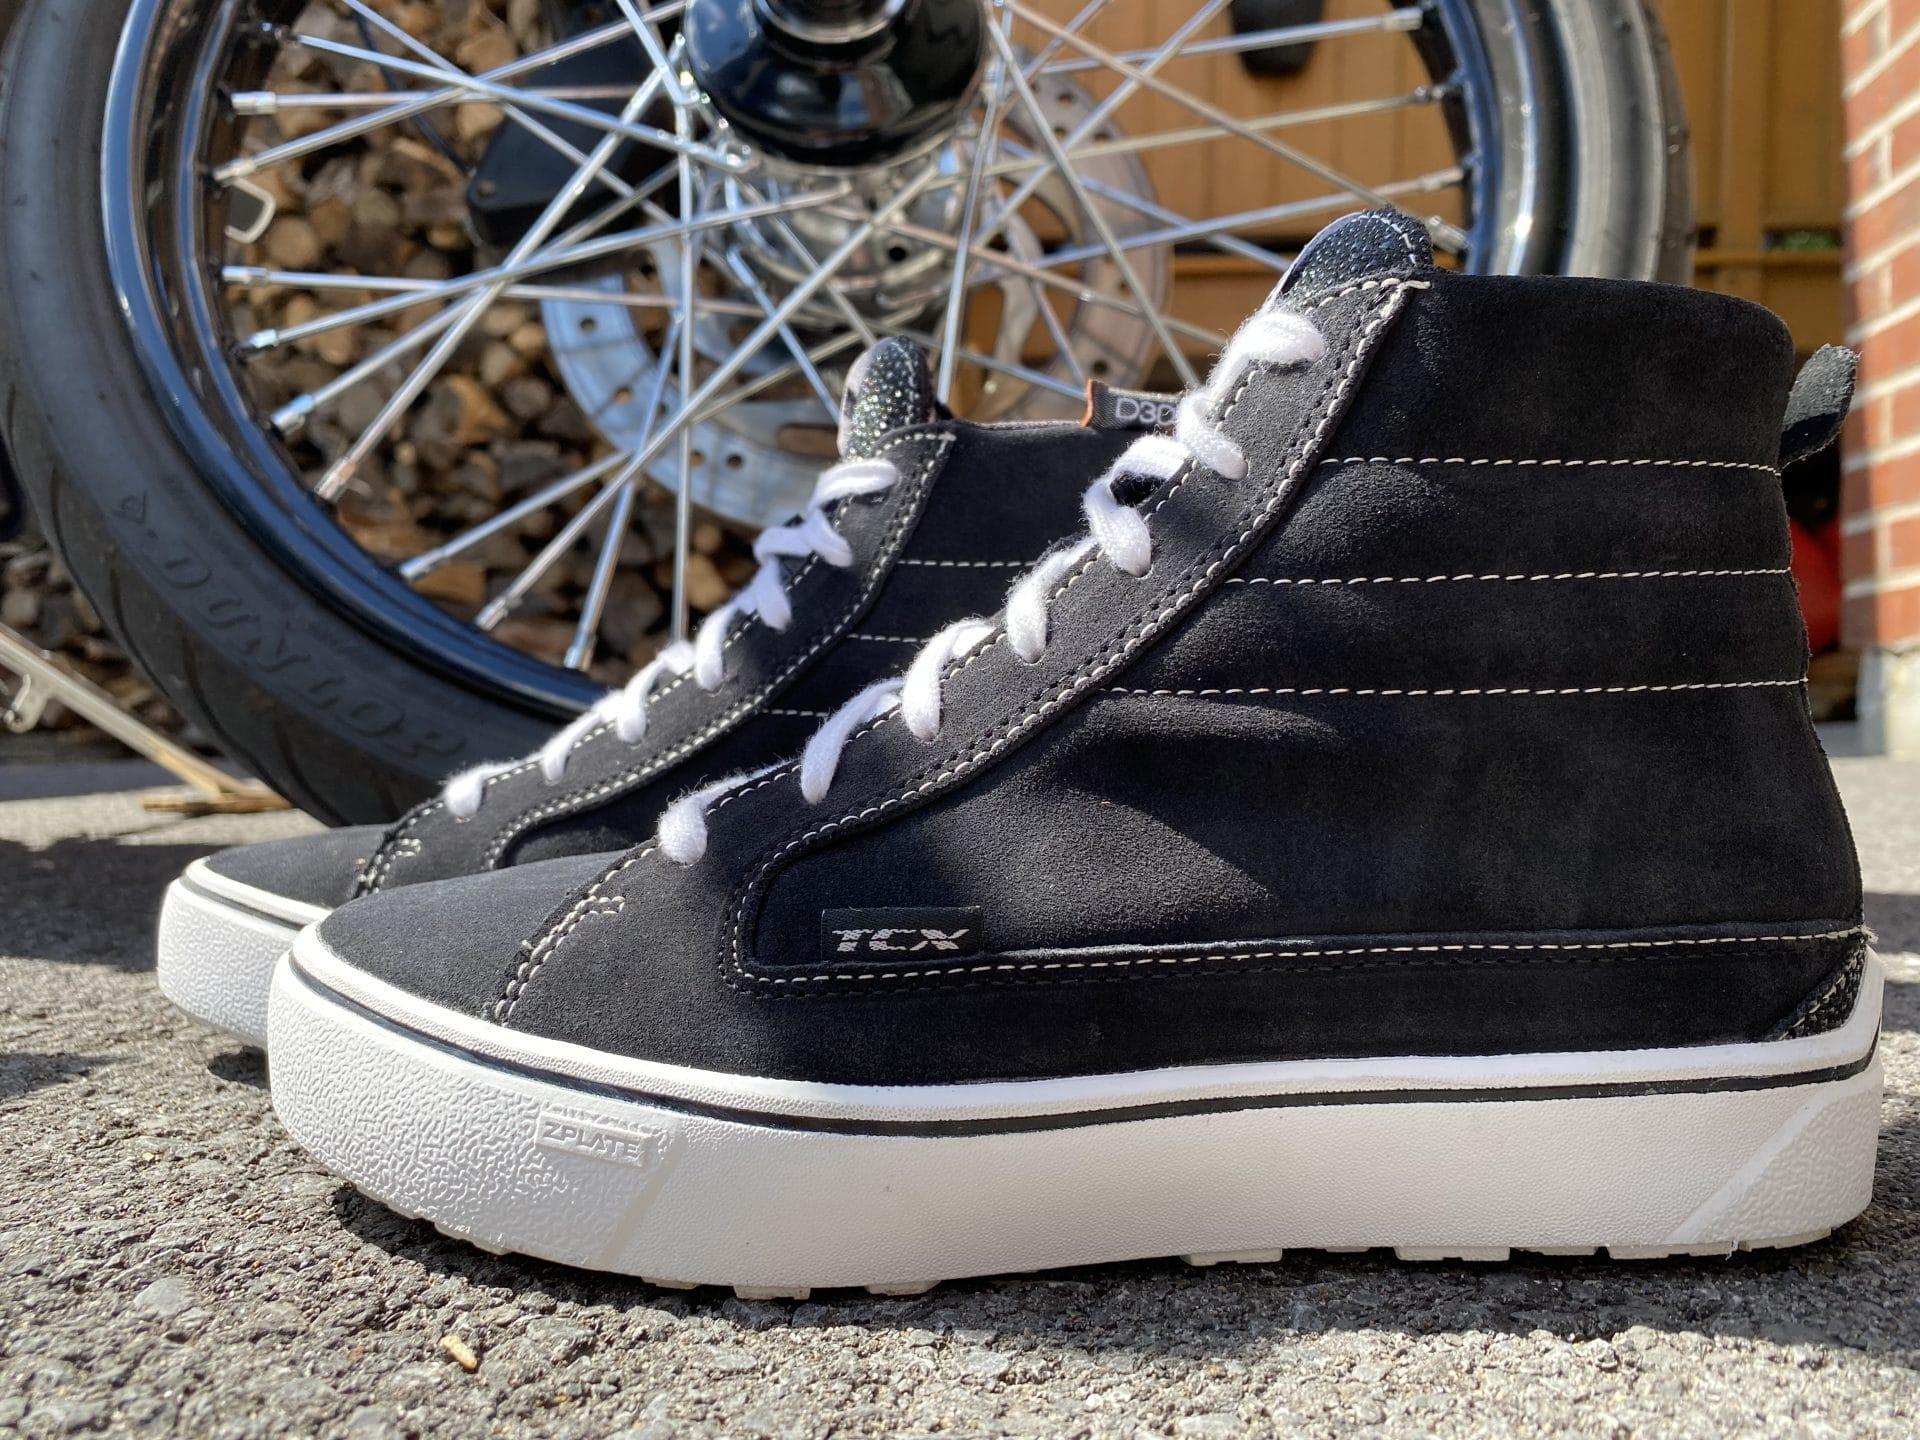 Les bottes pour femmes TCX Street 3 Lady WP – De la technologie jusqu'au bout des orteils !